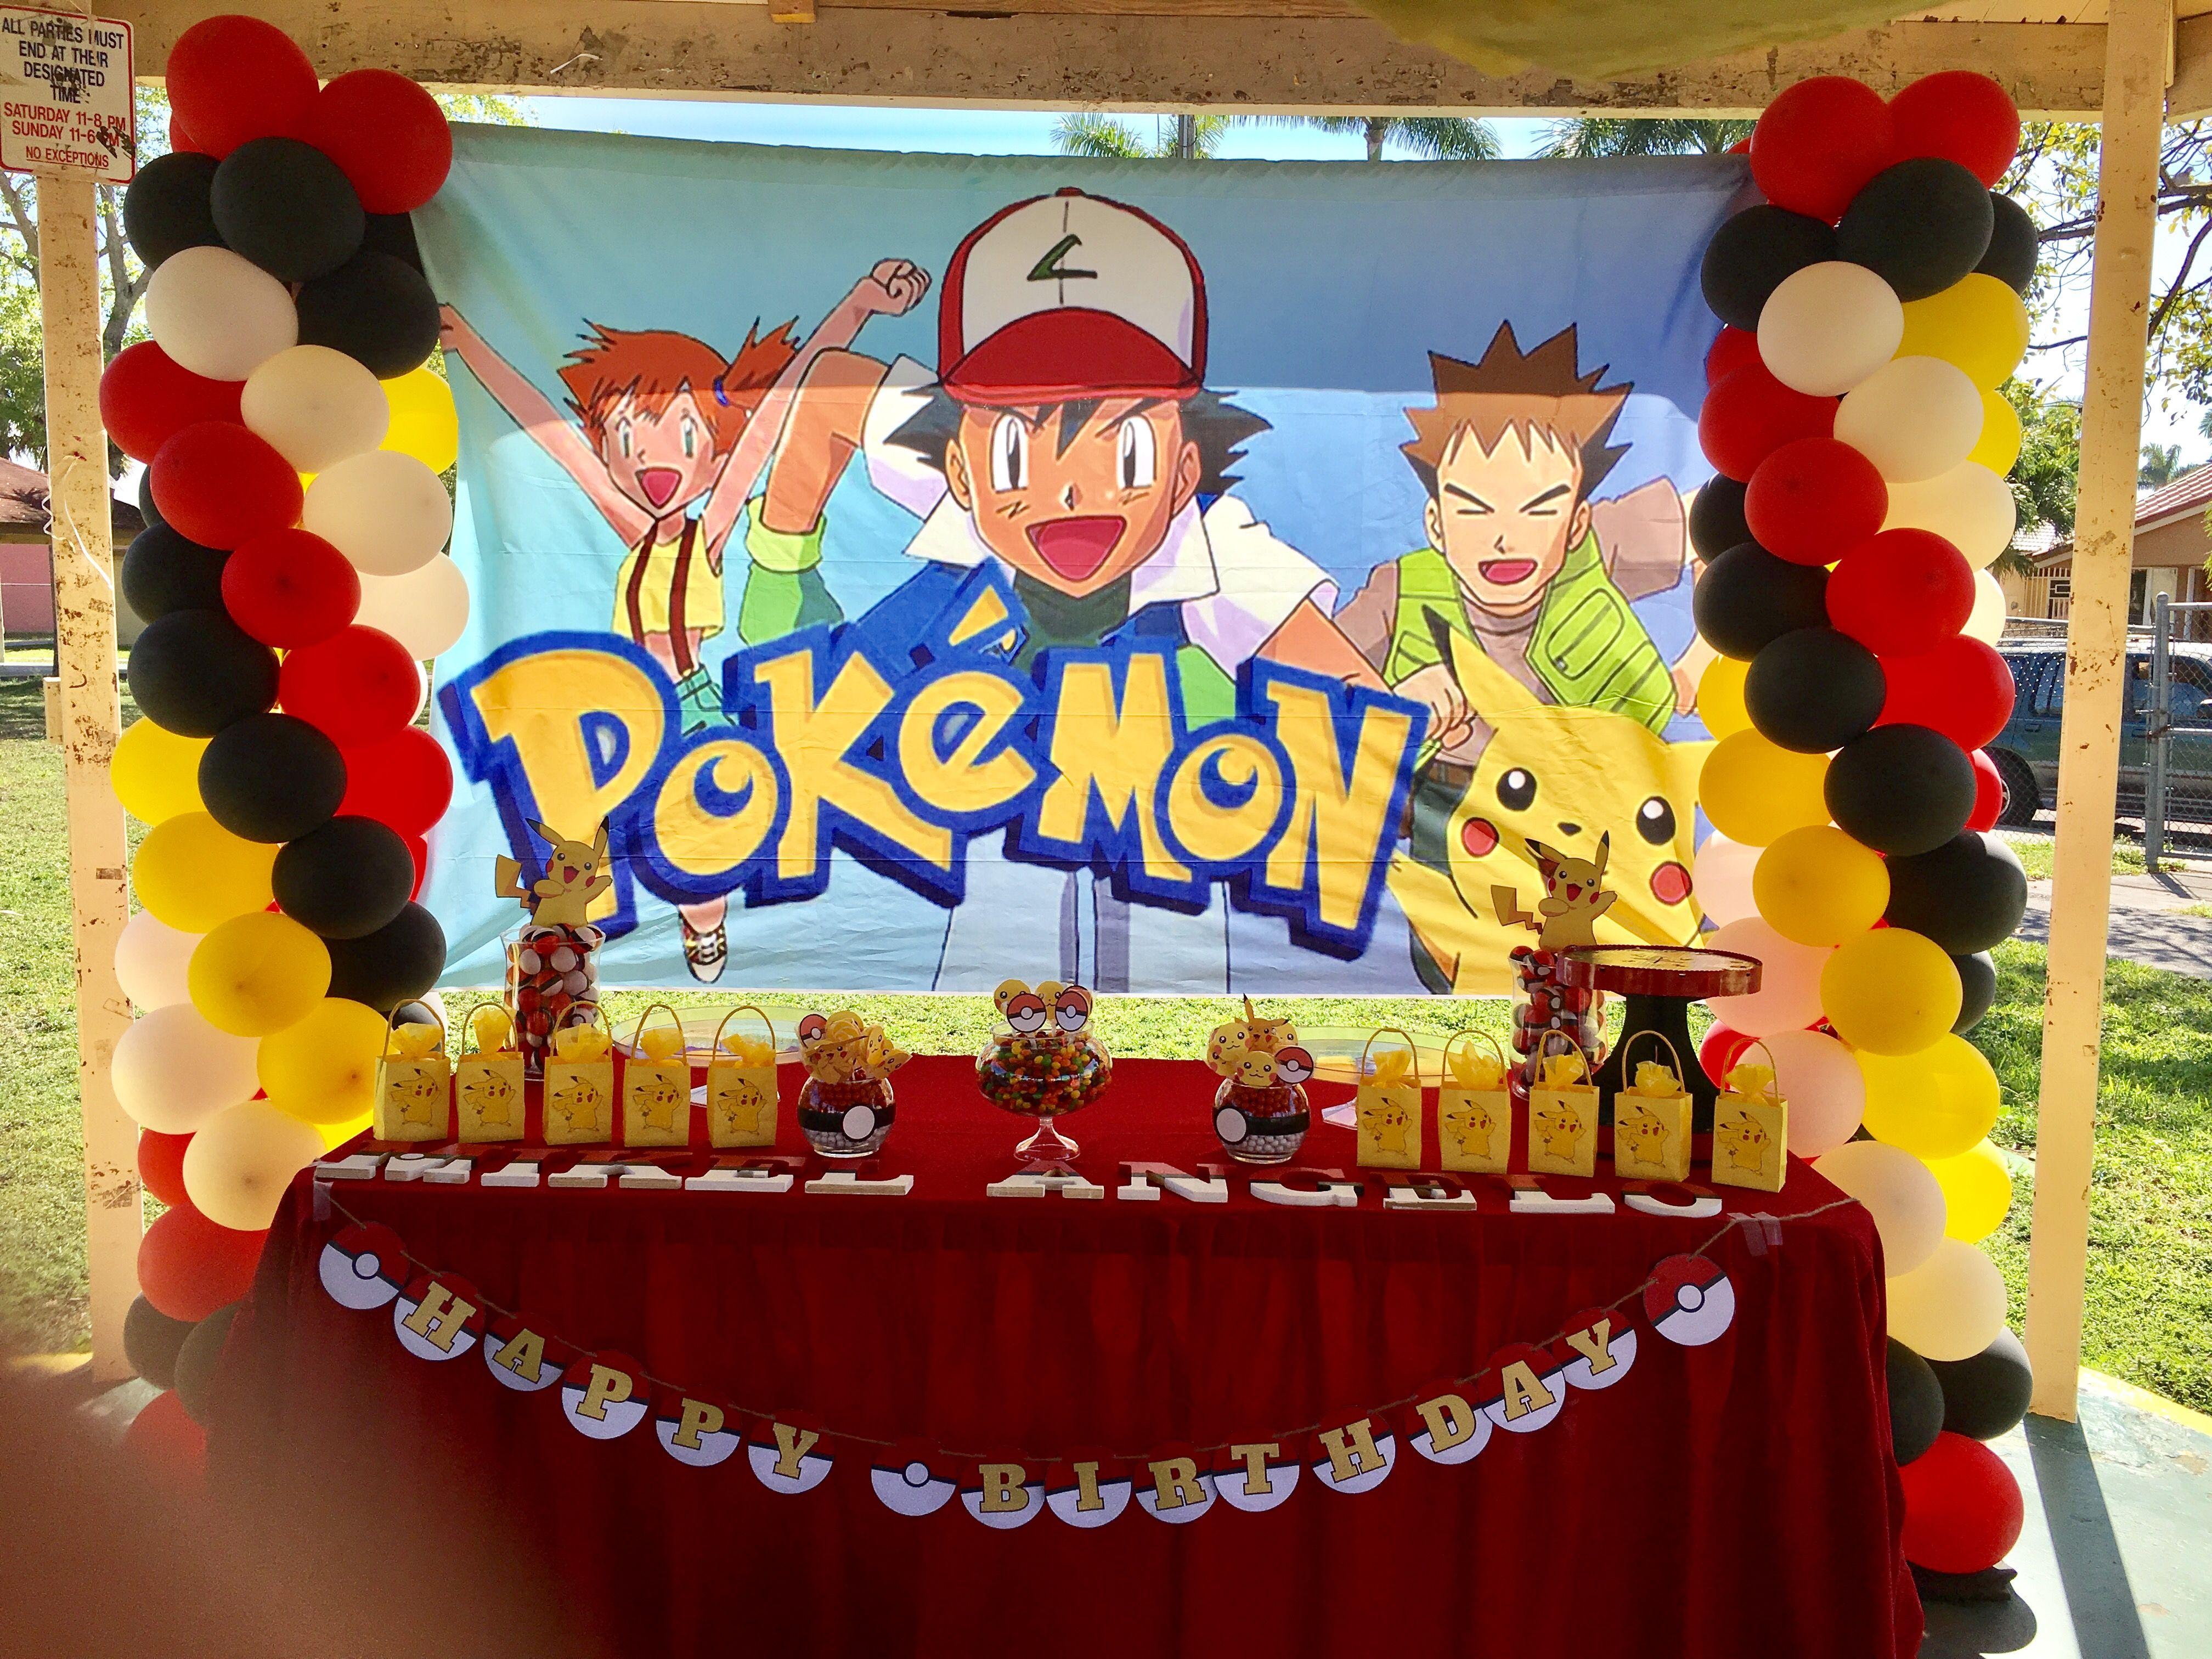 Pokémon Birthday party decoration by premierepartydeco